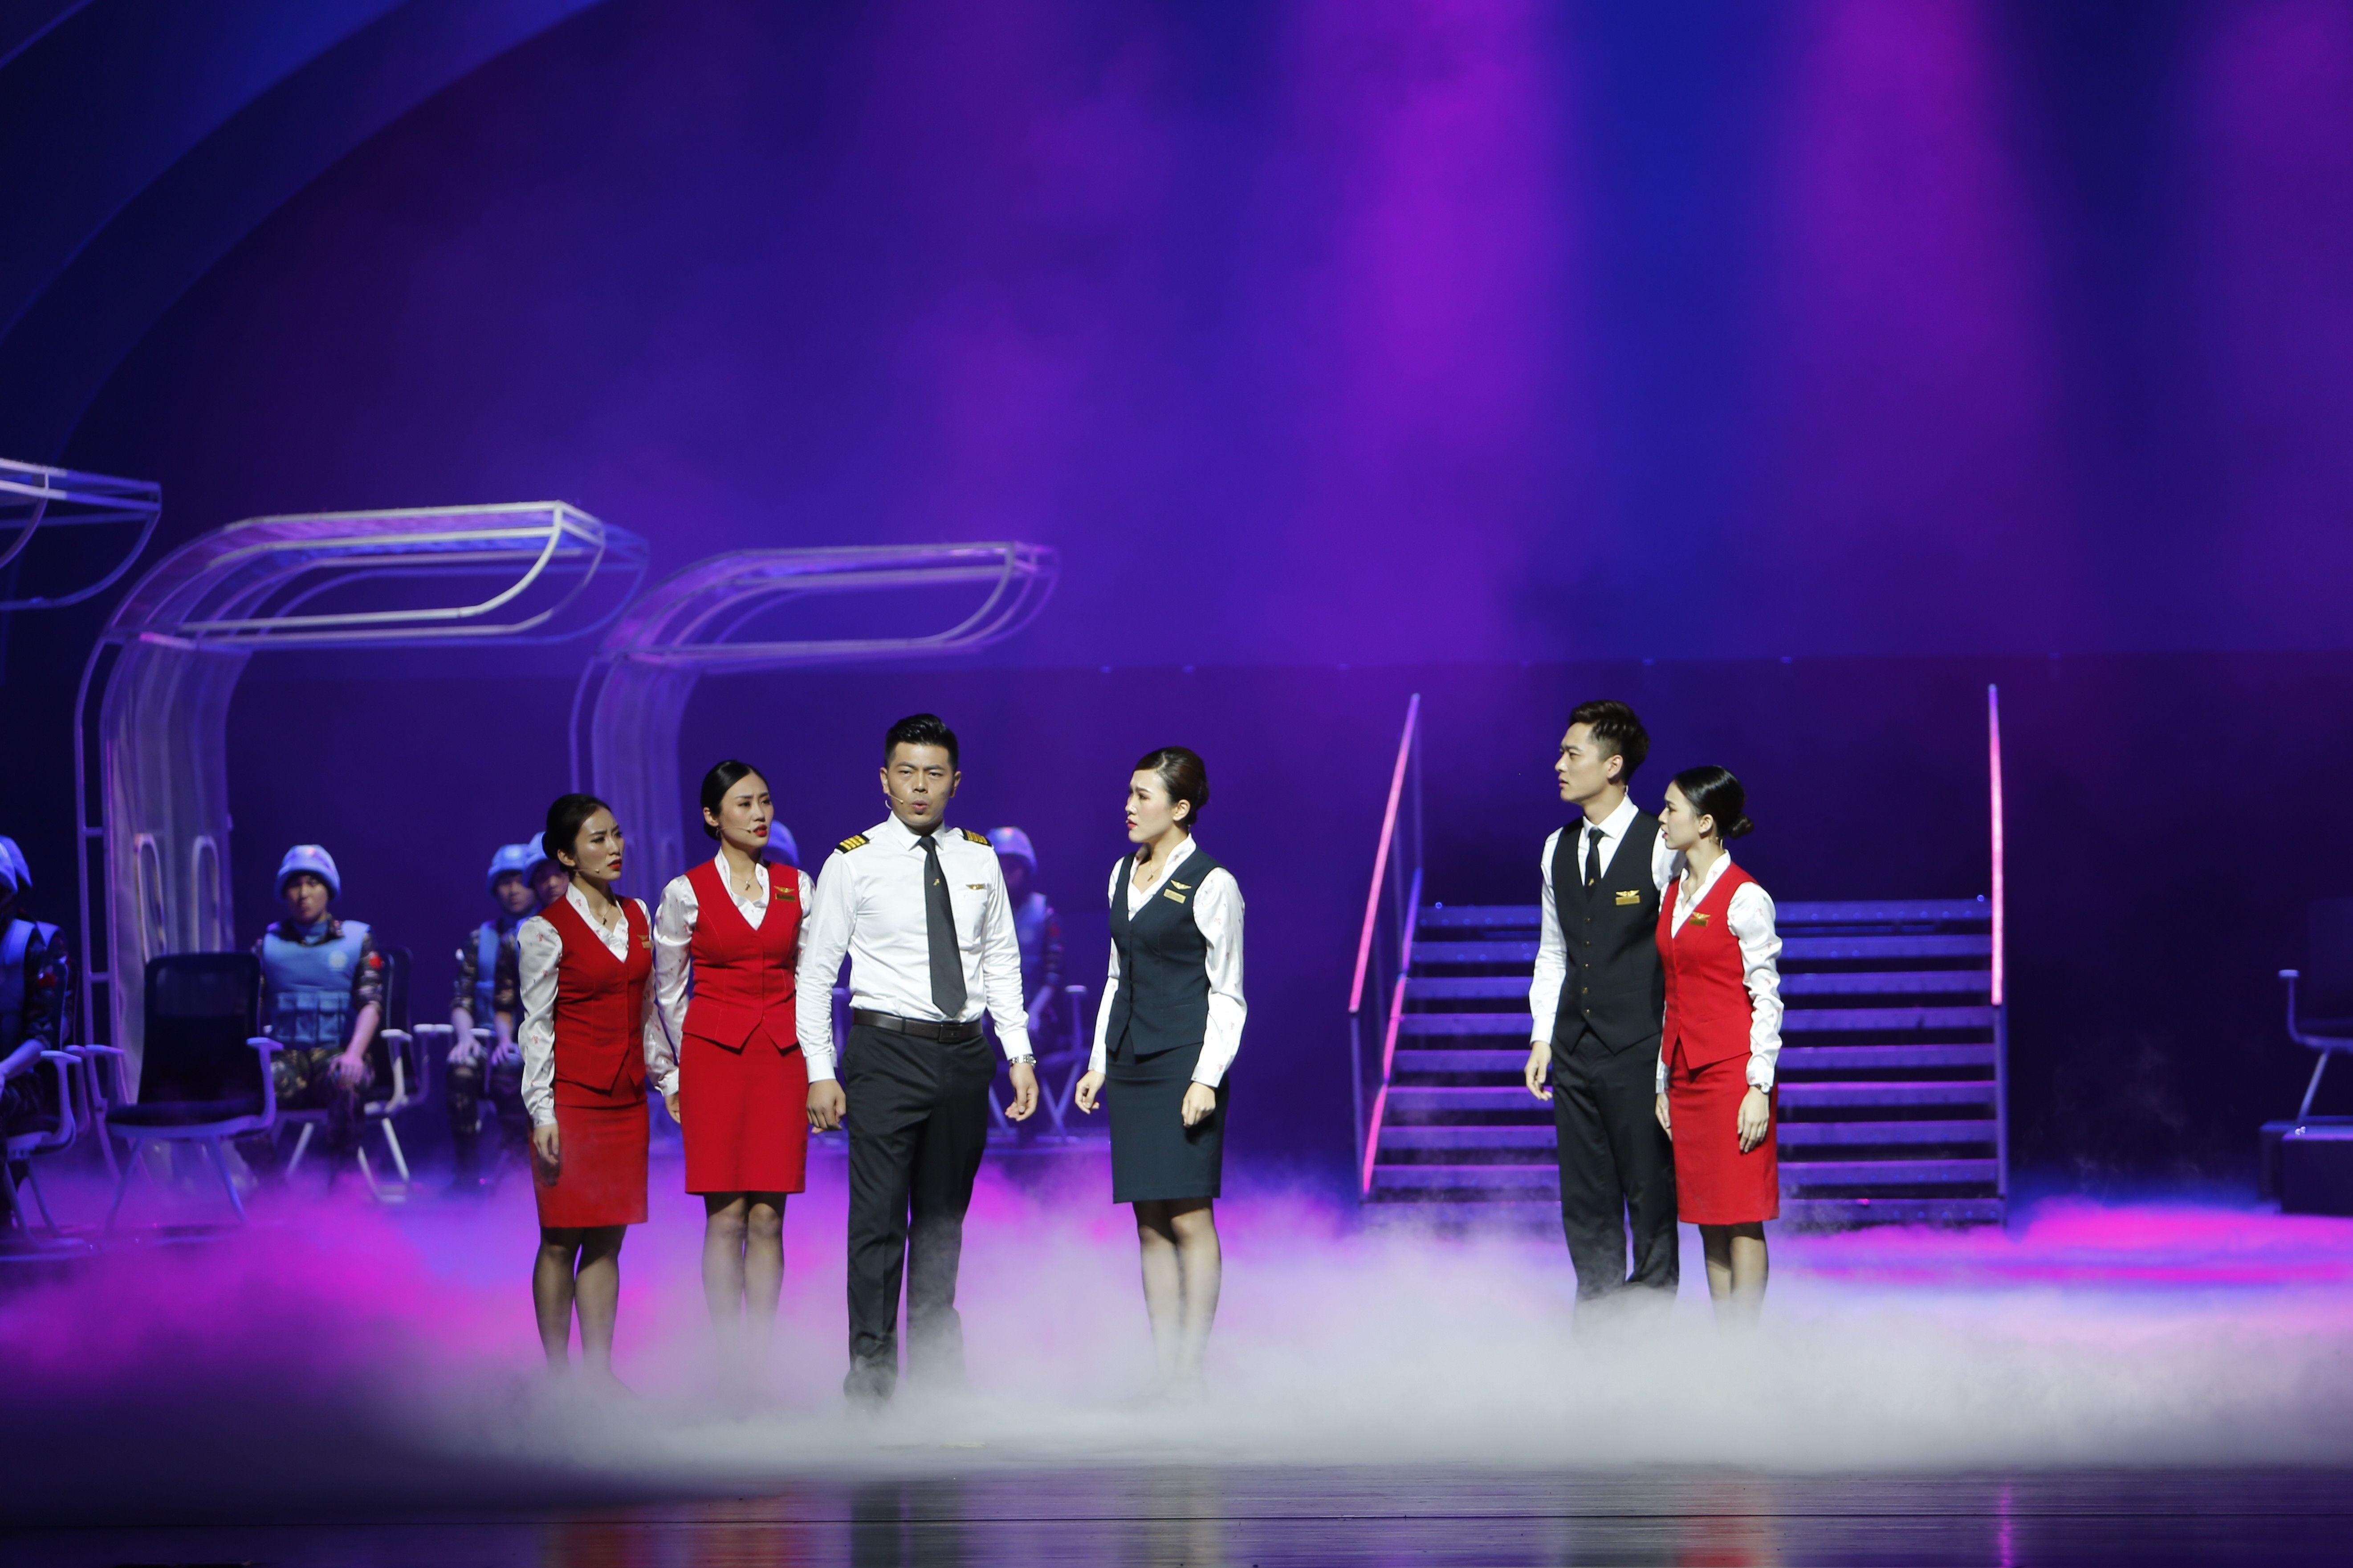 深圳航空原创大型音乐剧《爱在蓝天》正式公演 摄影:郑毅